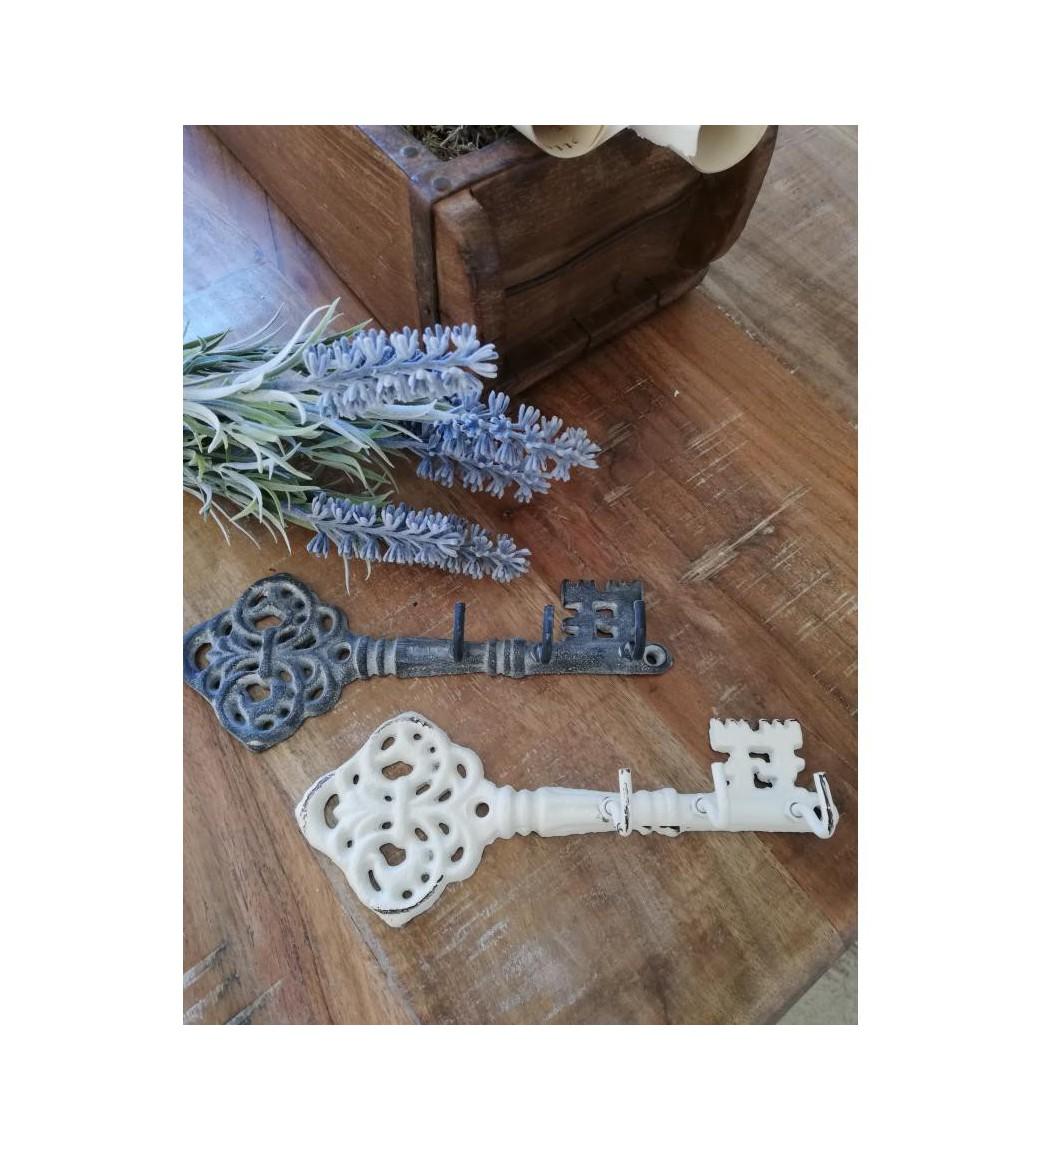 Antikcreme nøgle med 3 kroge L: 16,5 cm.  - 1